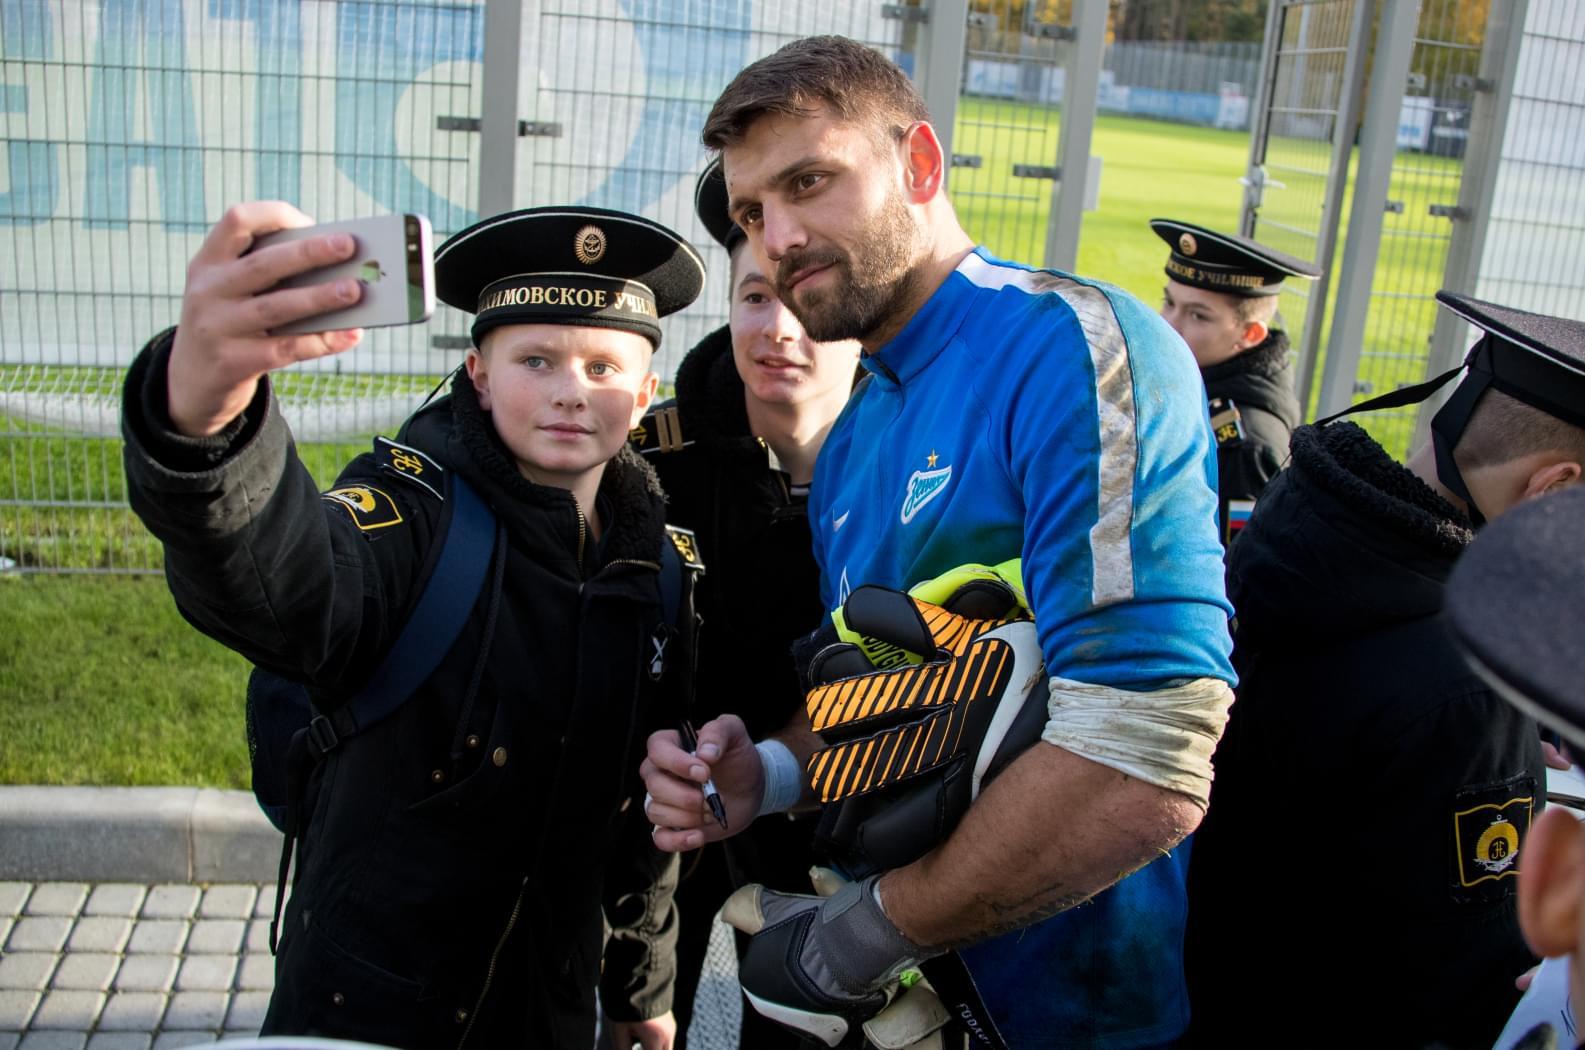 Студенты Нахимовского военно-морского училища встретились с футболистами «Зенита»